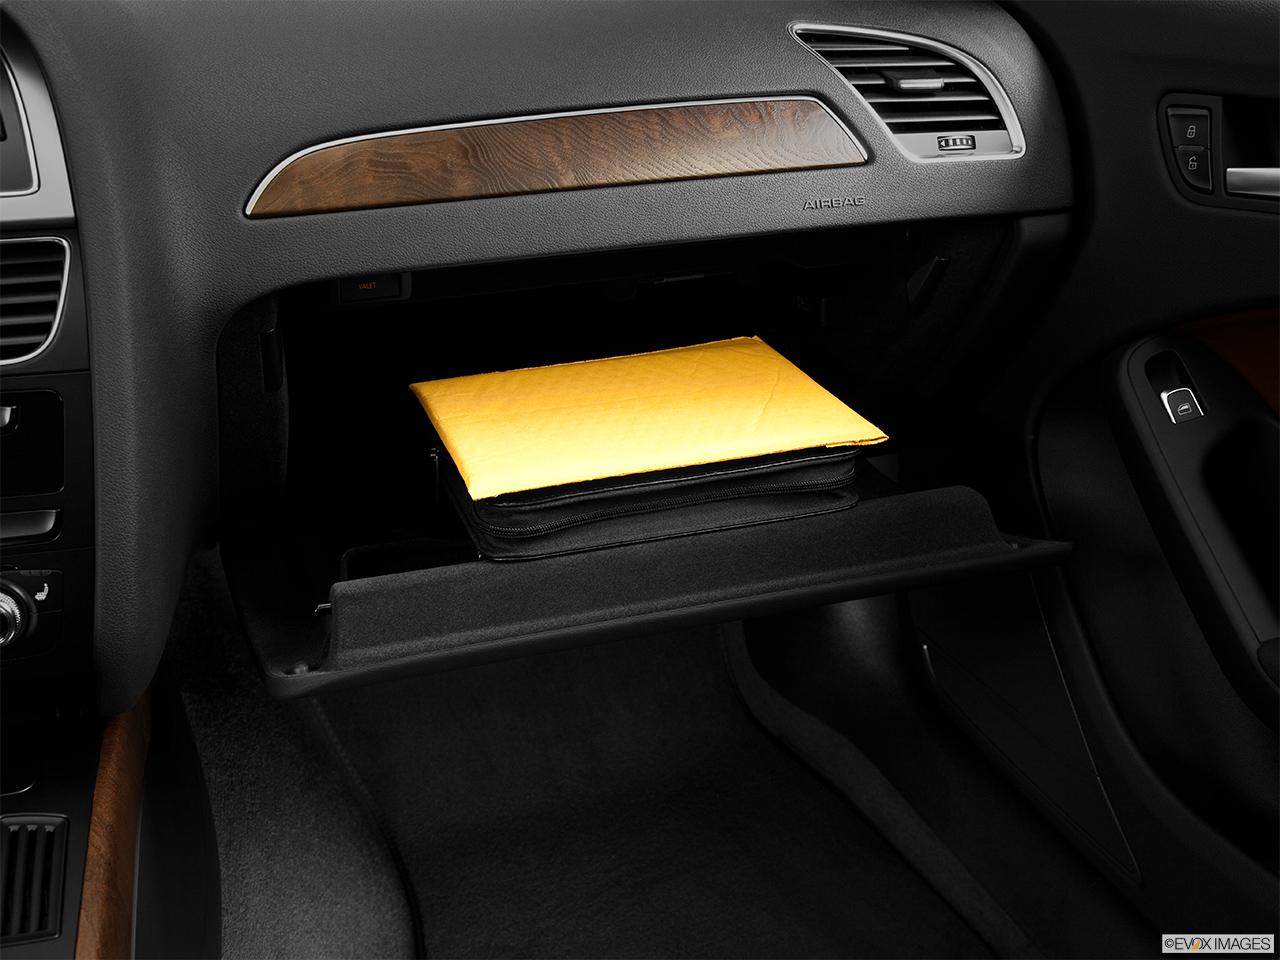 Audi A4 Sedan Manual quattro 2.0T Premium - Photos ...